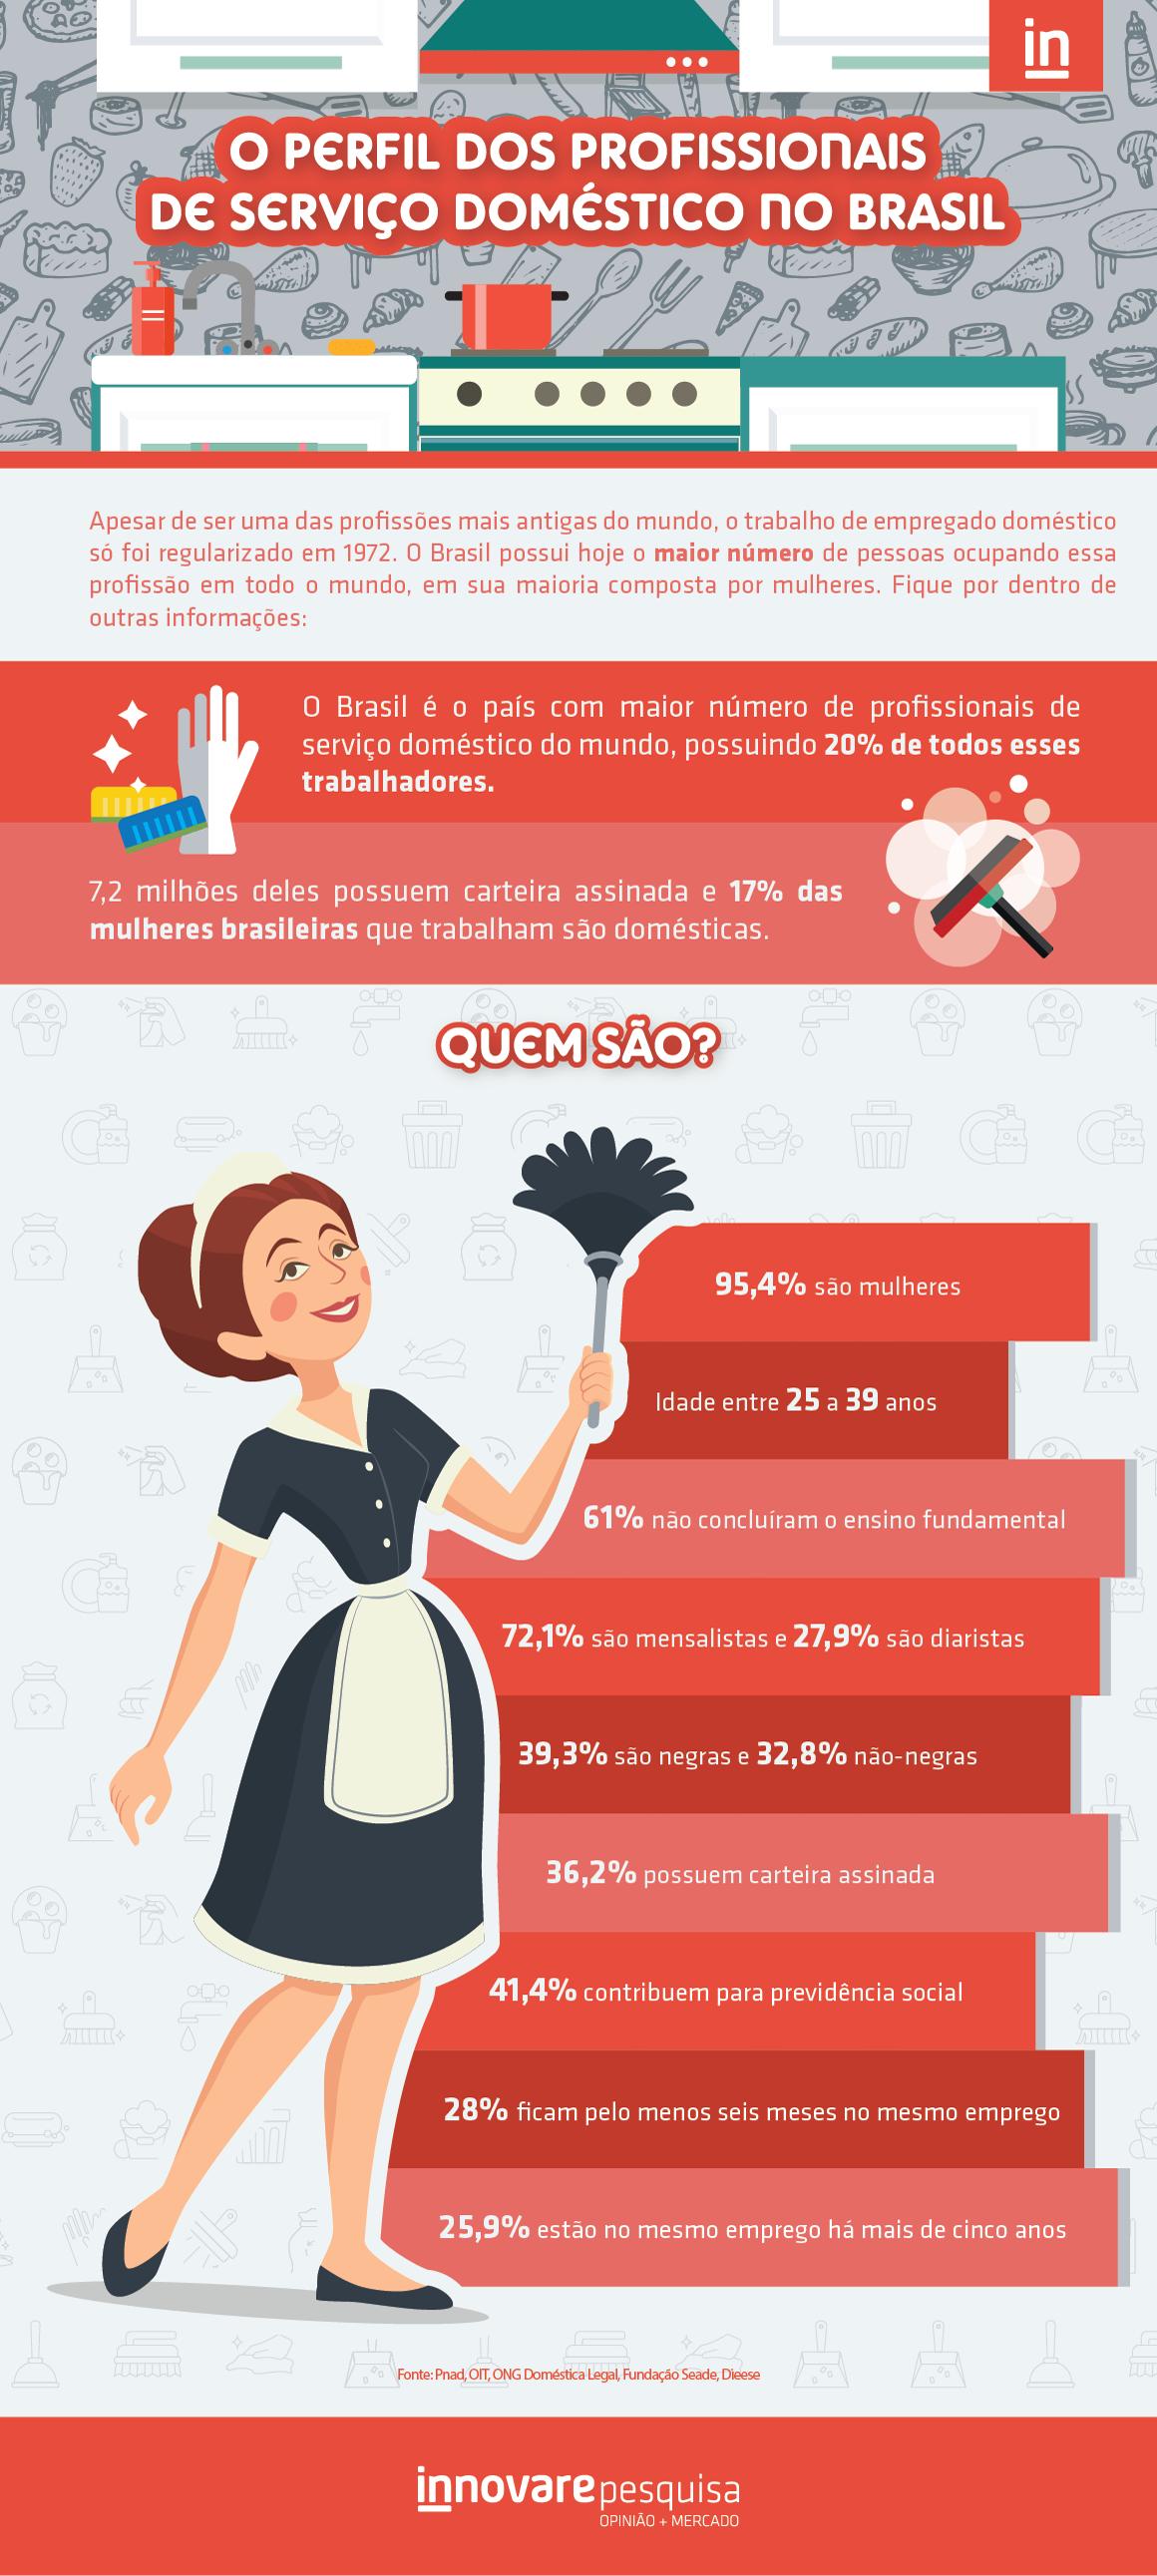 O-Perfil-dos-Profissionais-de-Serviço-Doméstico-no-Brasil